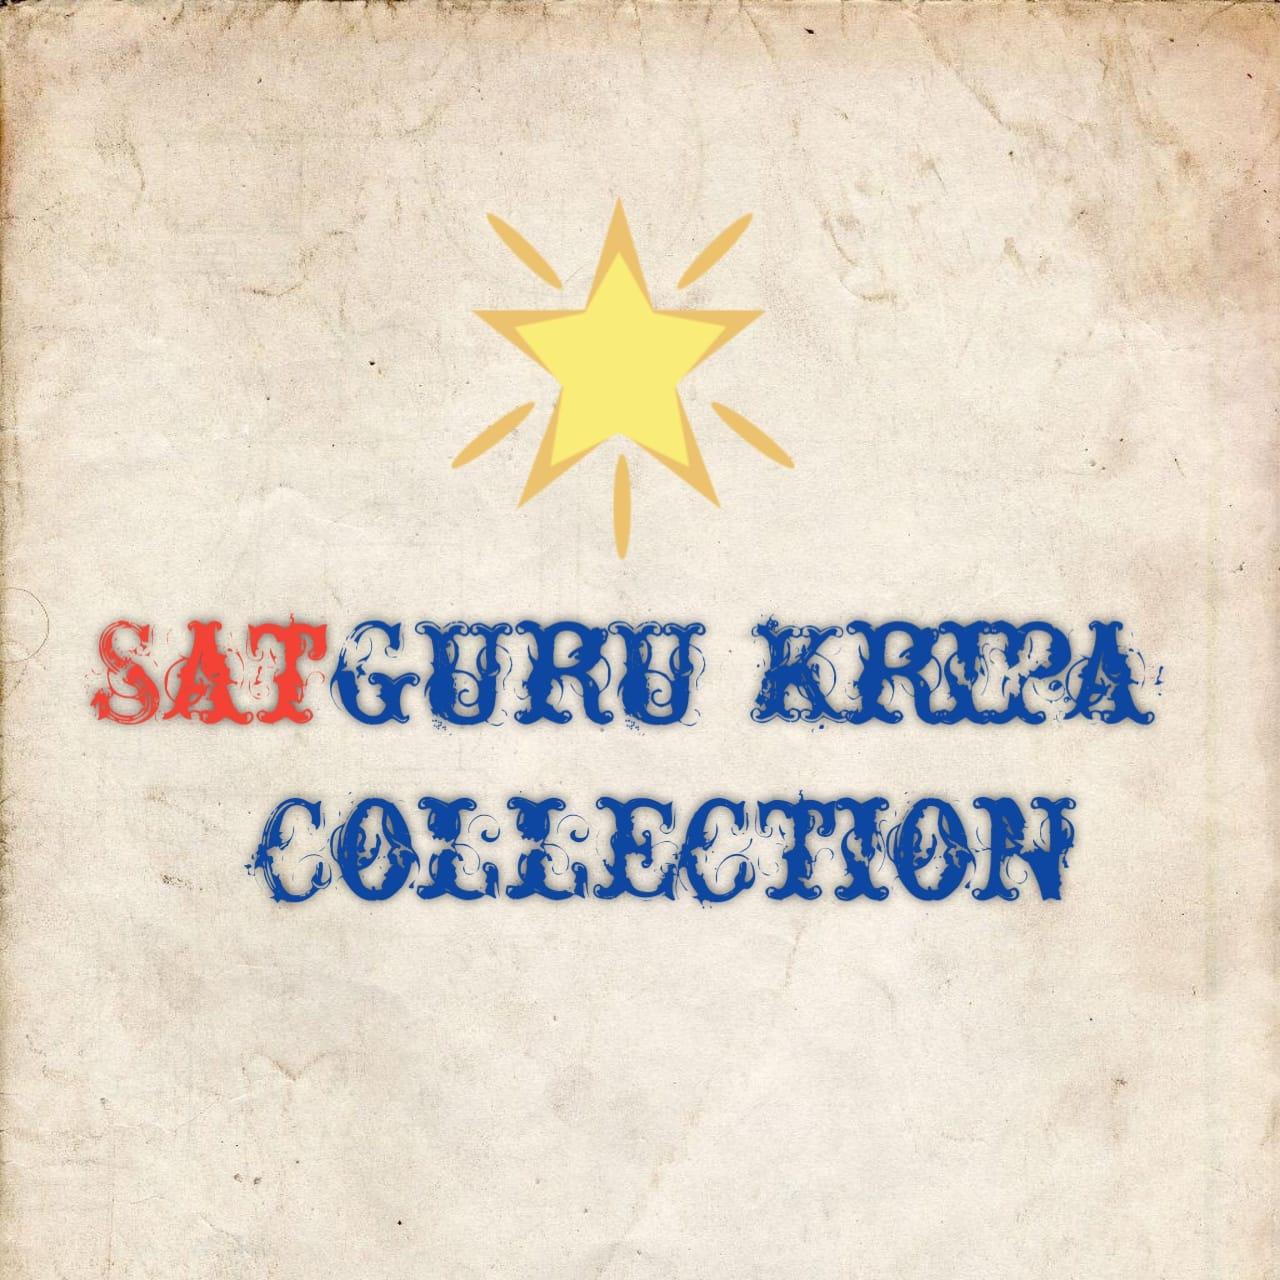 Satguru Kripa Collection